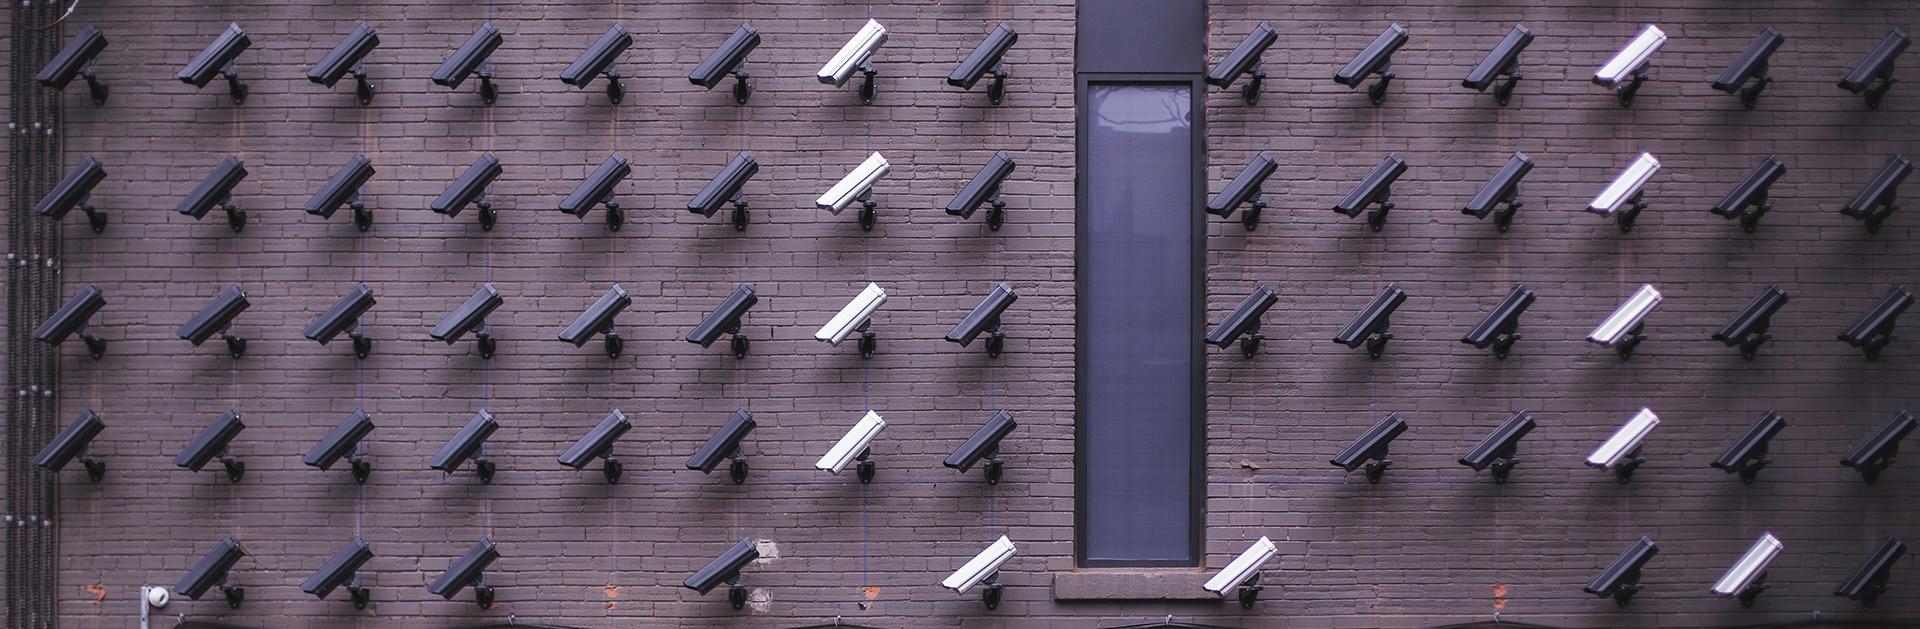 Beveiliging van gebouwen